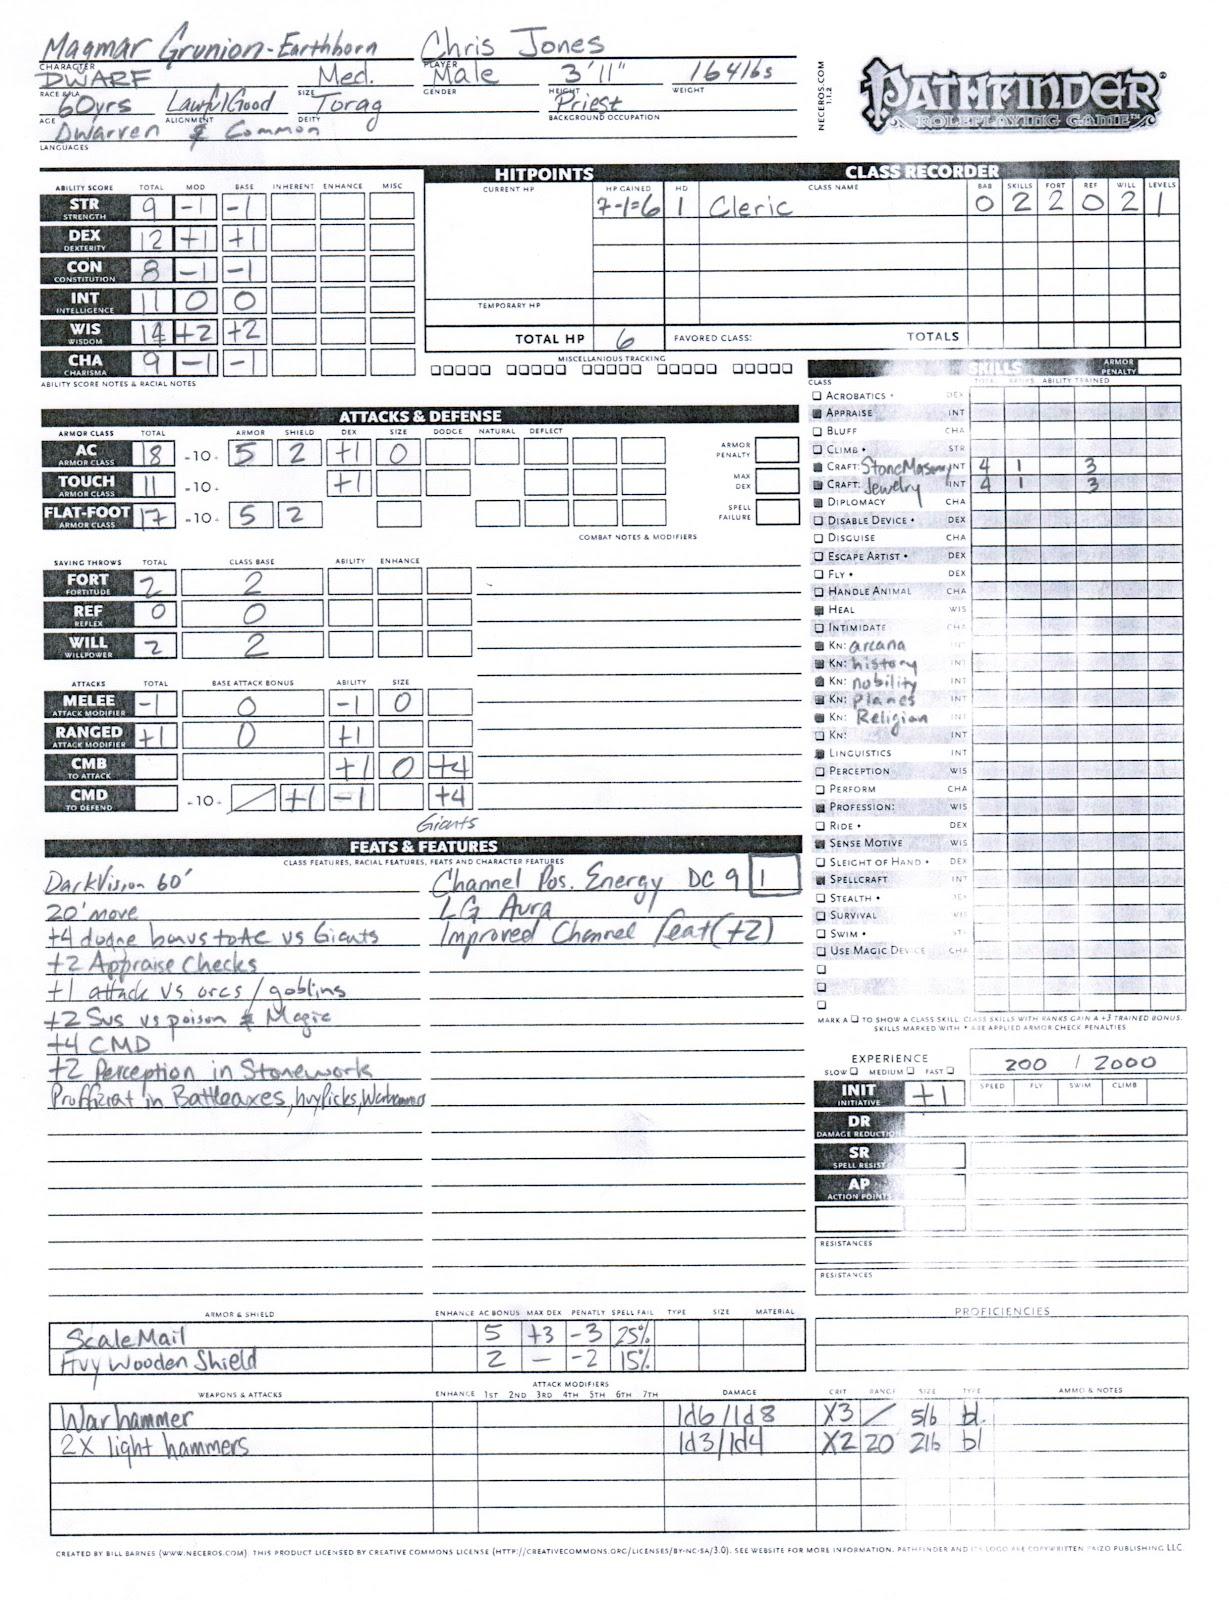 pathfinder sheet pdf